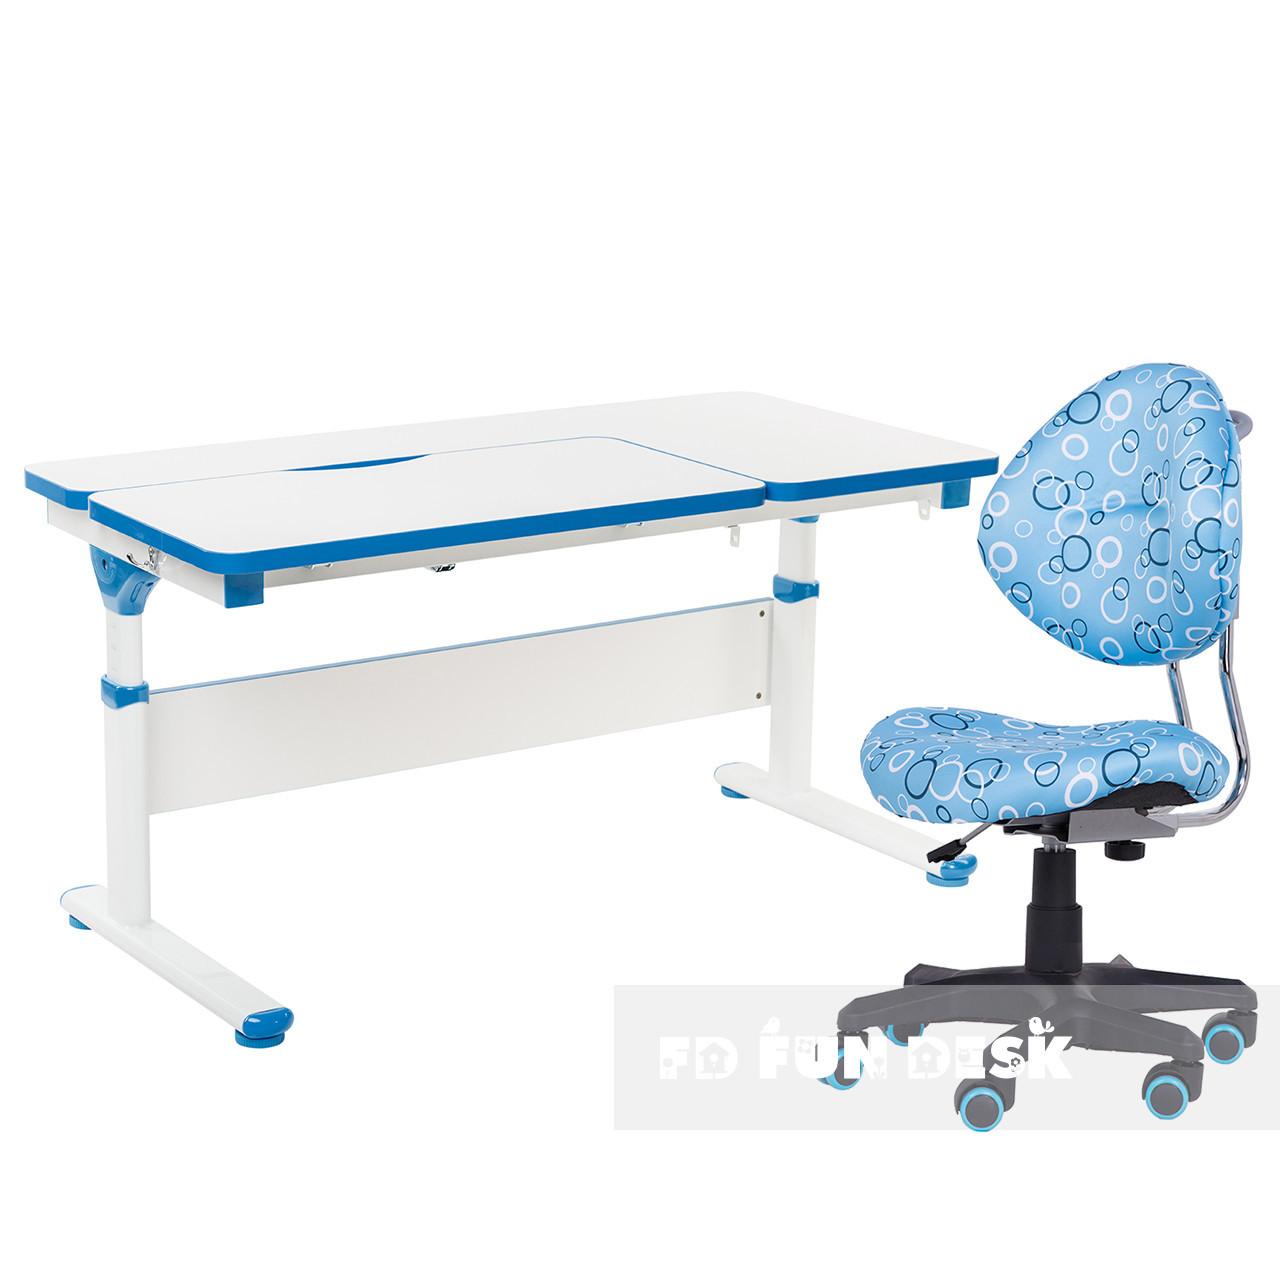 Комплект парта Creare Blue с надстройкой + детское ортопедическое кресло SST5 Blue FunDesk